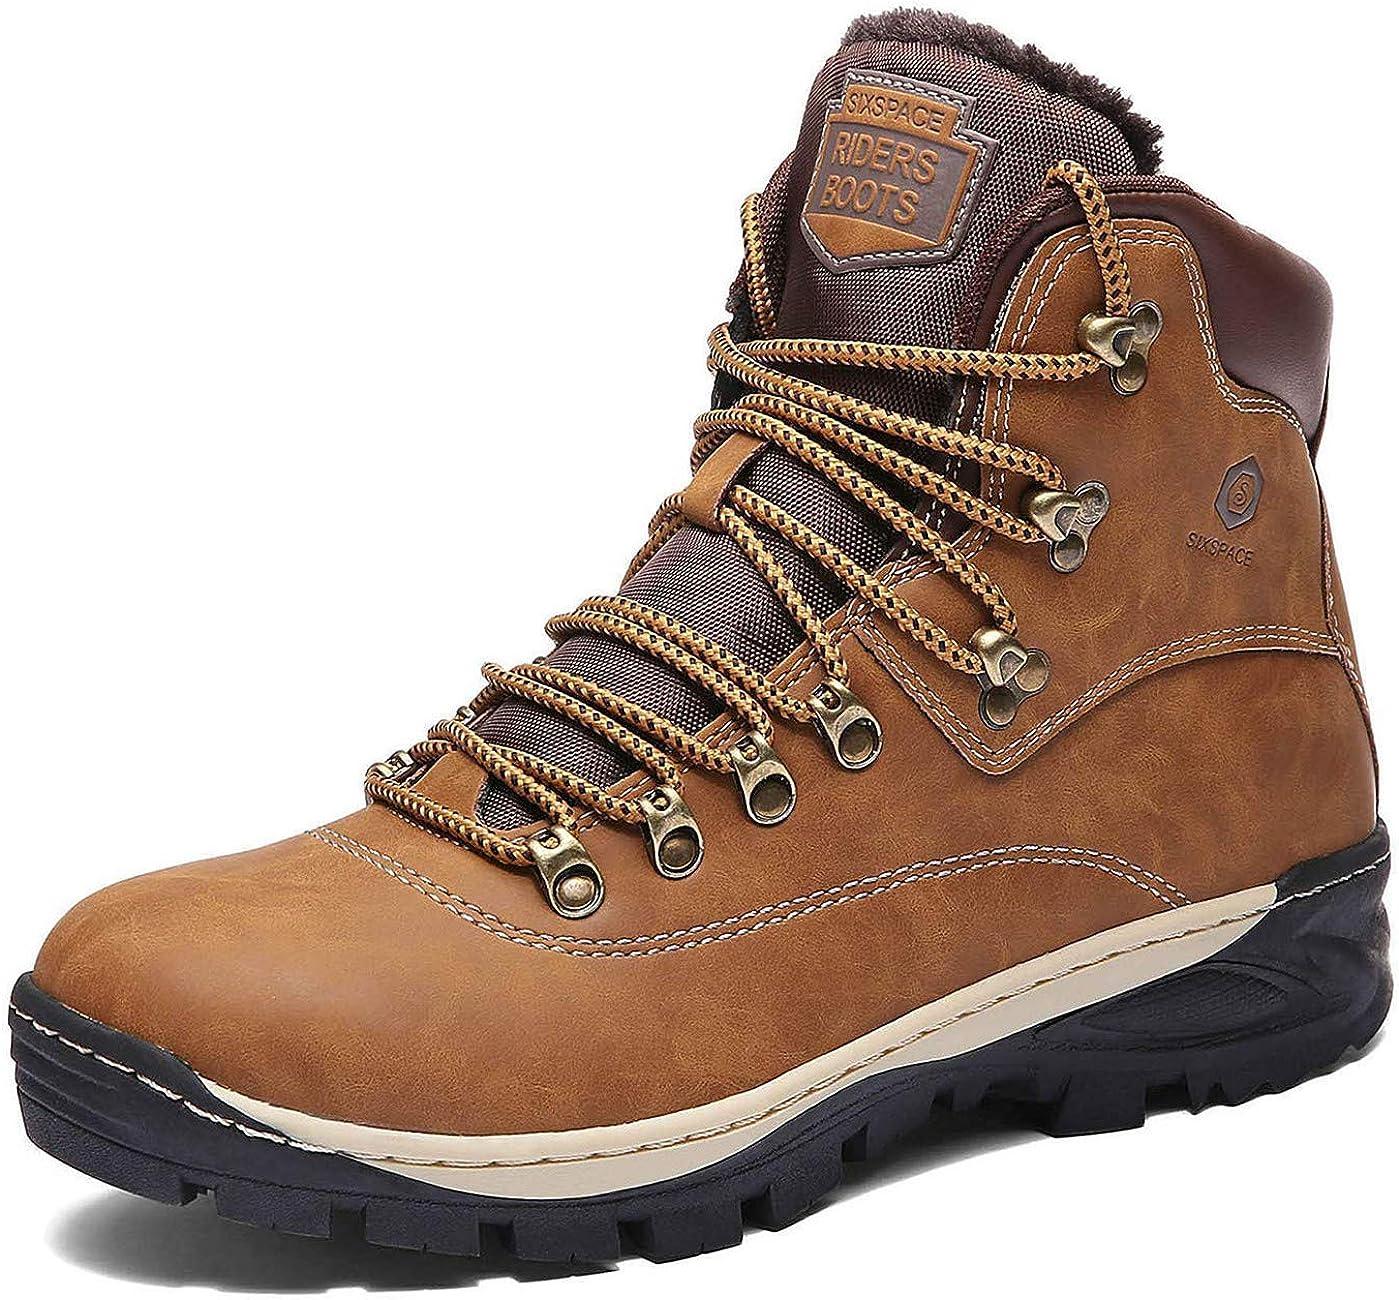 Hombre Botines Zapatos Botas Nieve Invierno Botas Trekking Zapatos Fur Forro Aire Libre Boots